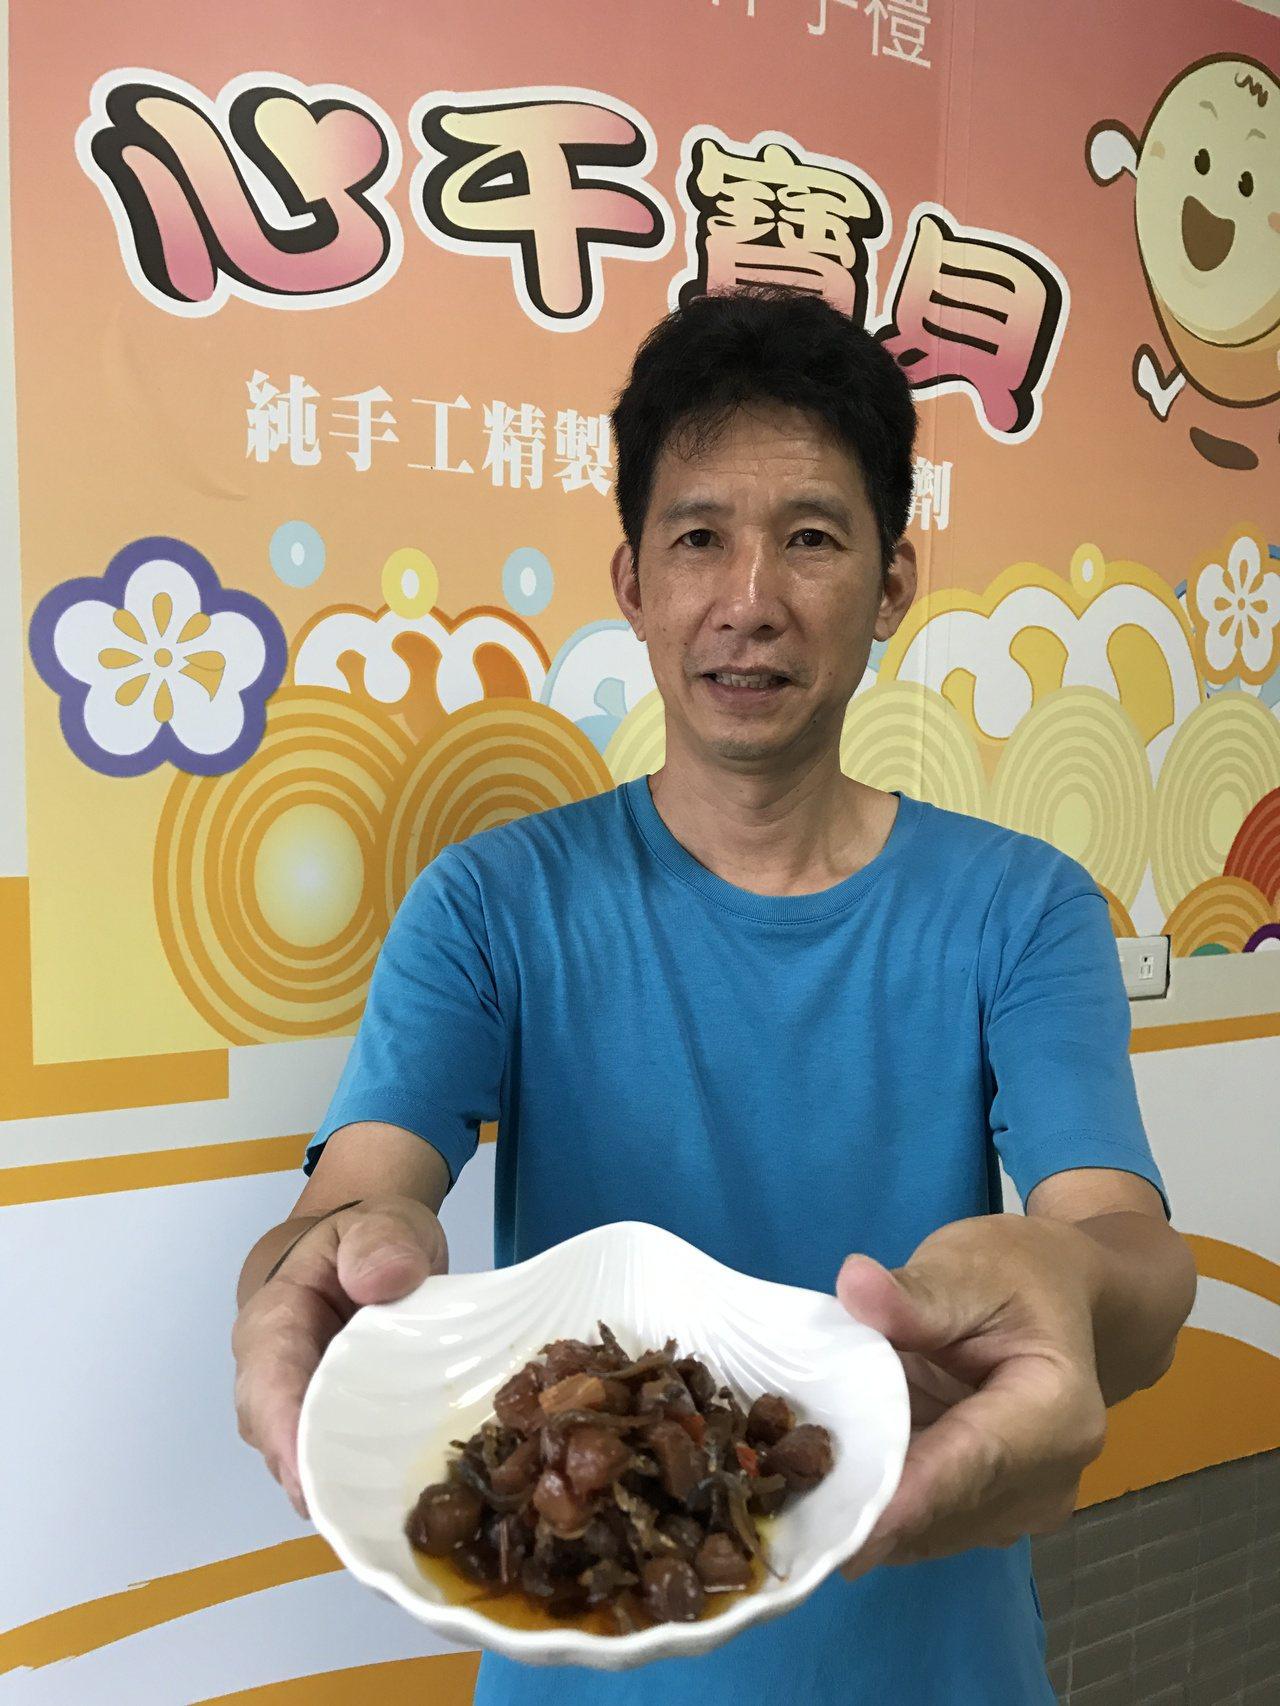 吳永安開發的「心干寶貝」醬,讓人吃到基隆海味還有滿滿的父愛。記者吳淑君/攝影